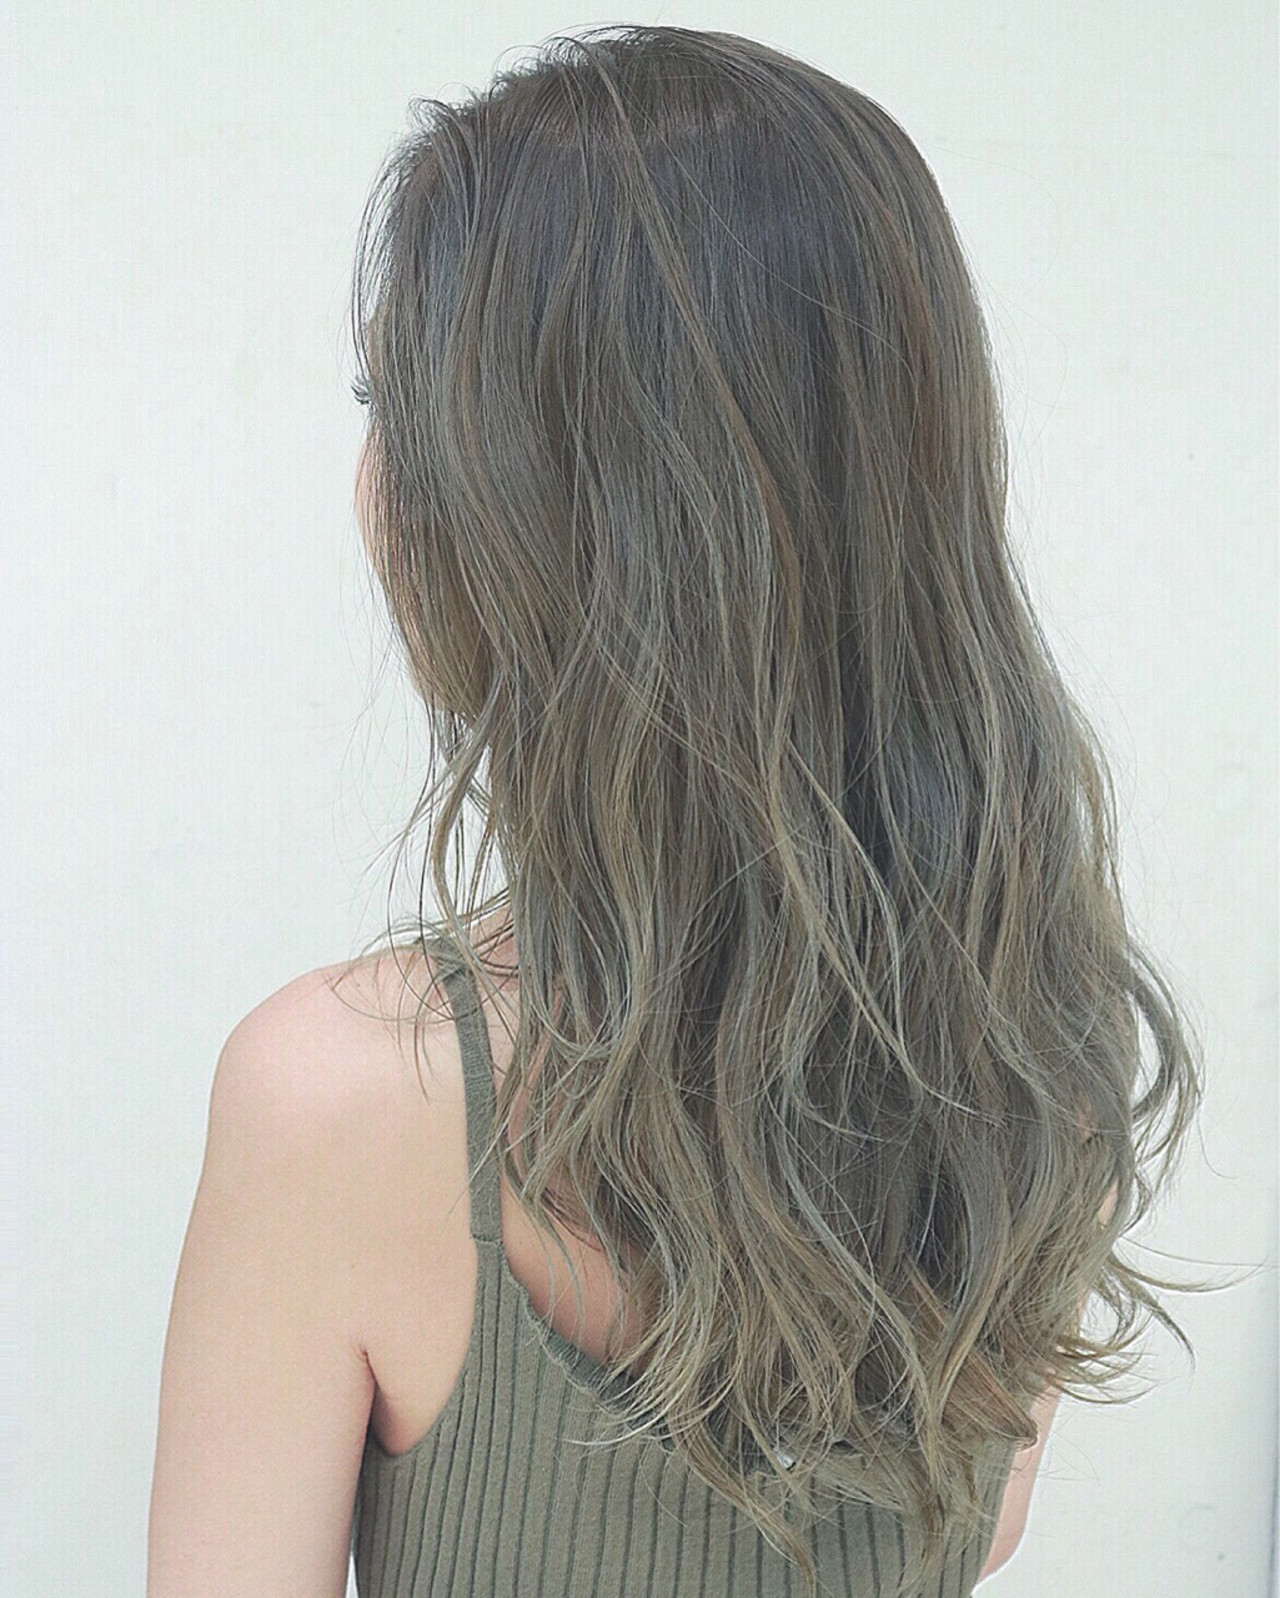 カーキアッシュ グラデーションカラー ナチュラル ハイライト ヘアスタイルや髪型の写真・画像